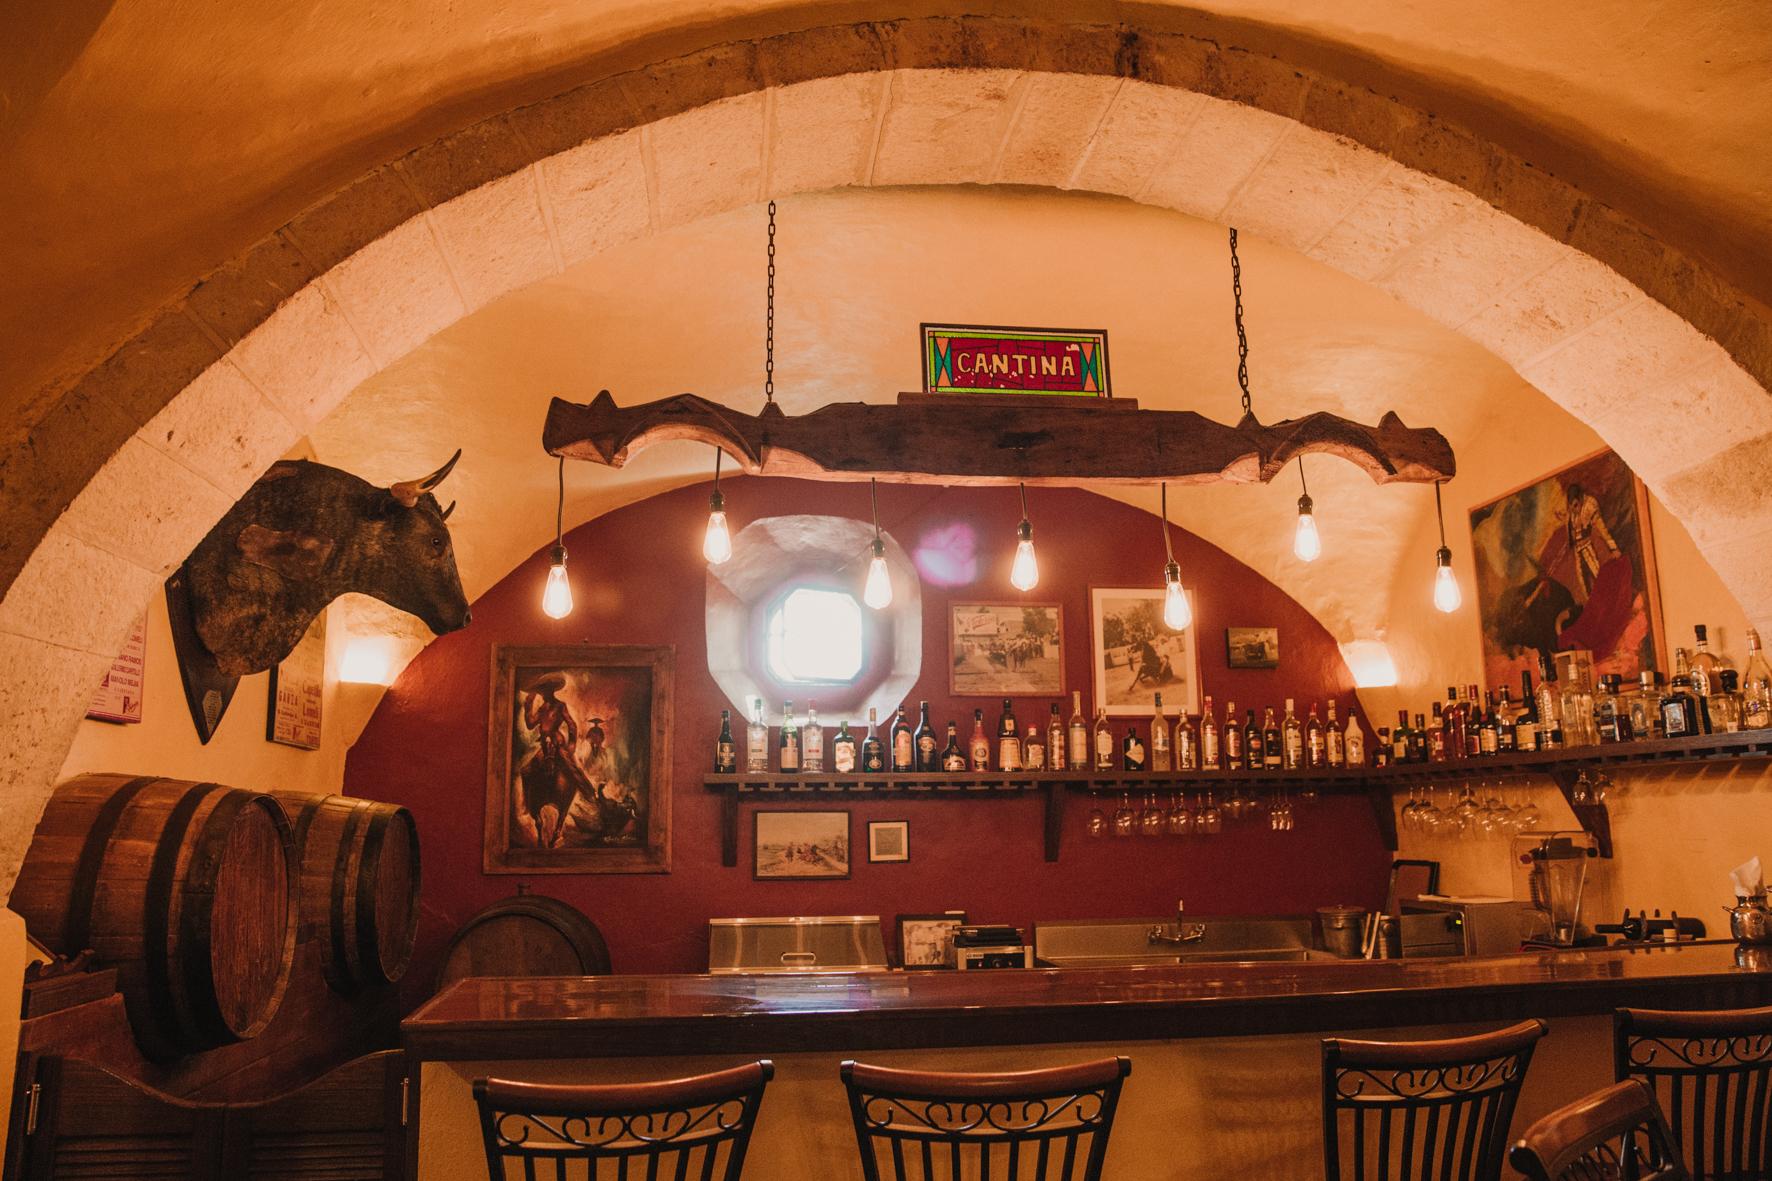 Cantina - Puede llegar a ser uno de tus lugares favoritos, ya que te transportará al ambiente idoneo de esta hacienda rodeado de música, tapas, y una amplia gama de bebidas nacionales, internacionales y locales.